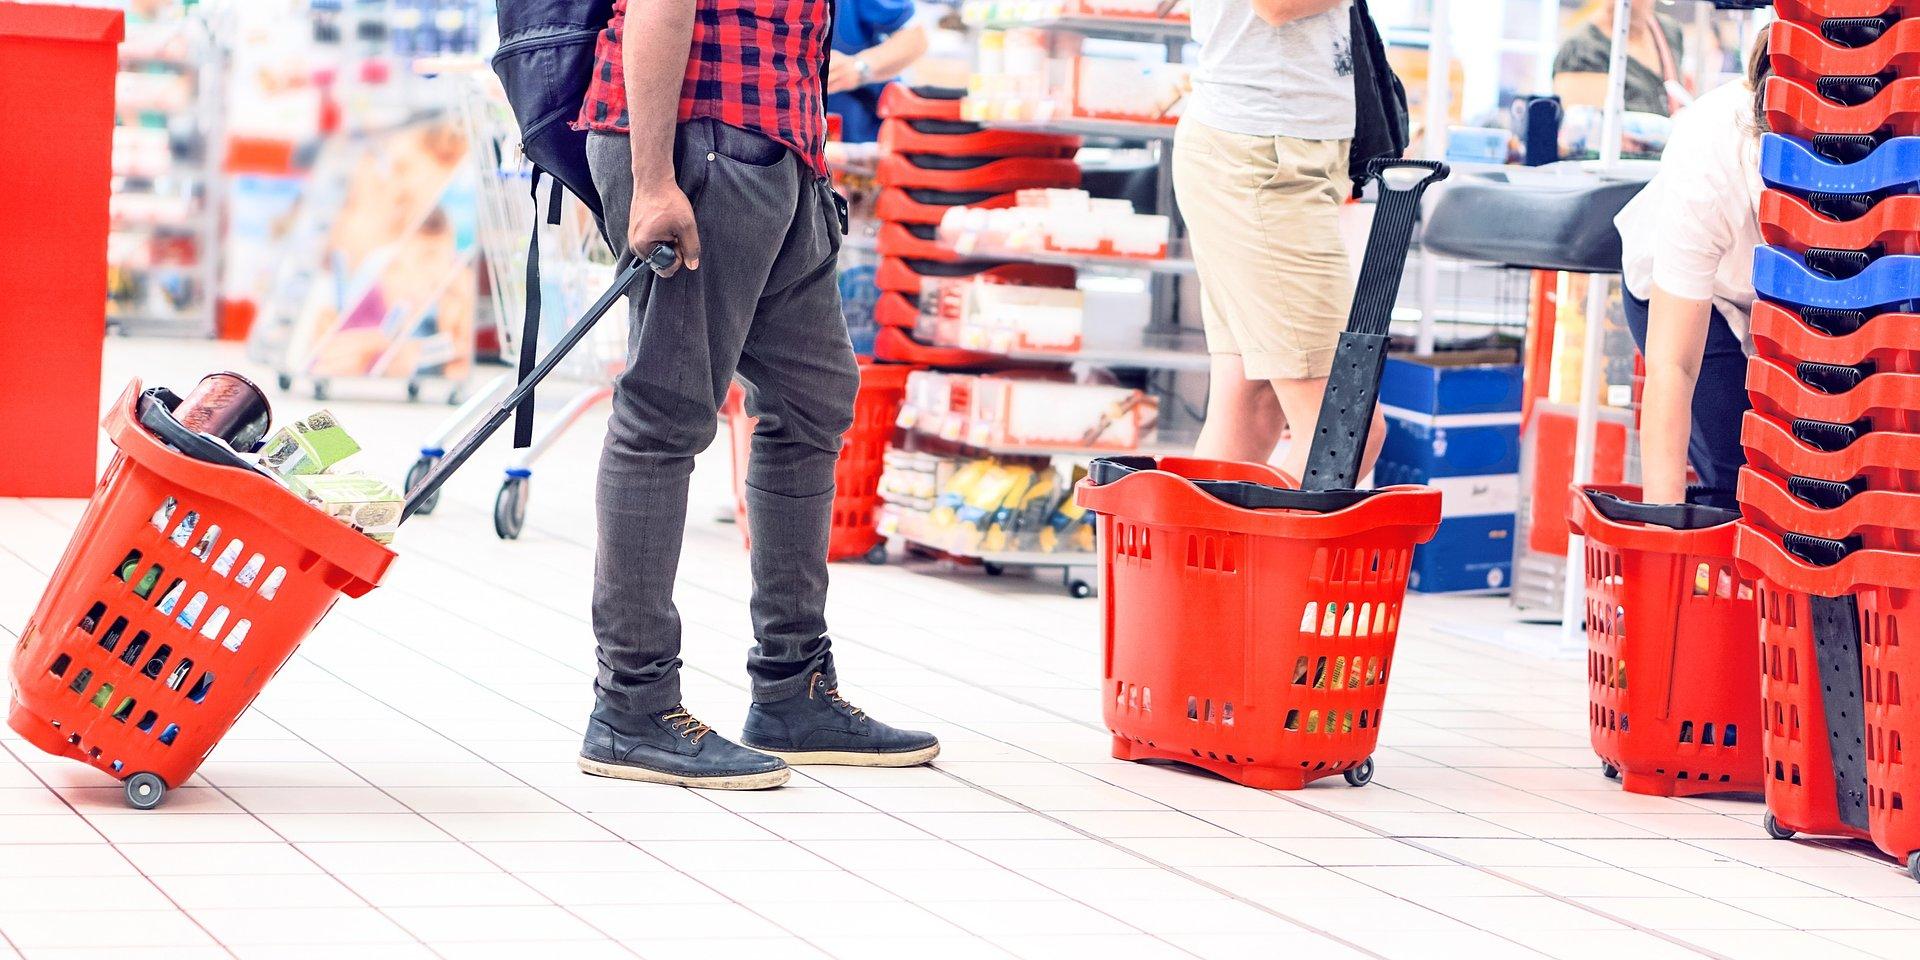 Sprzedaż detaliczna w cenach stałych spadła o 7,7% r/r